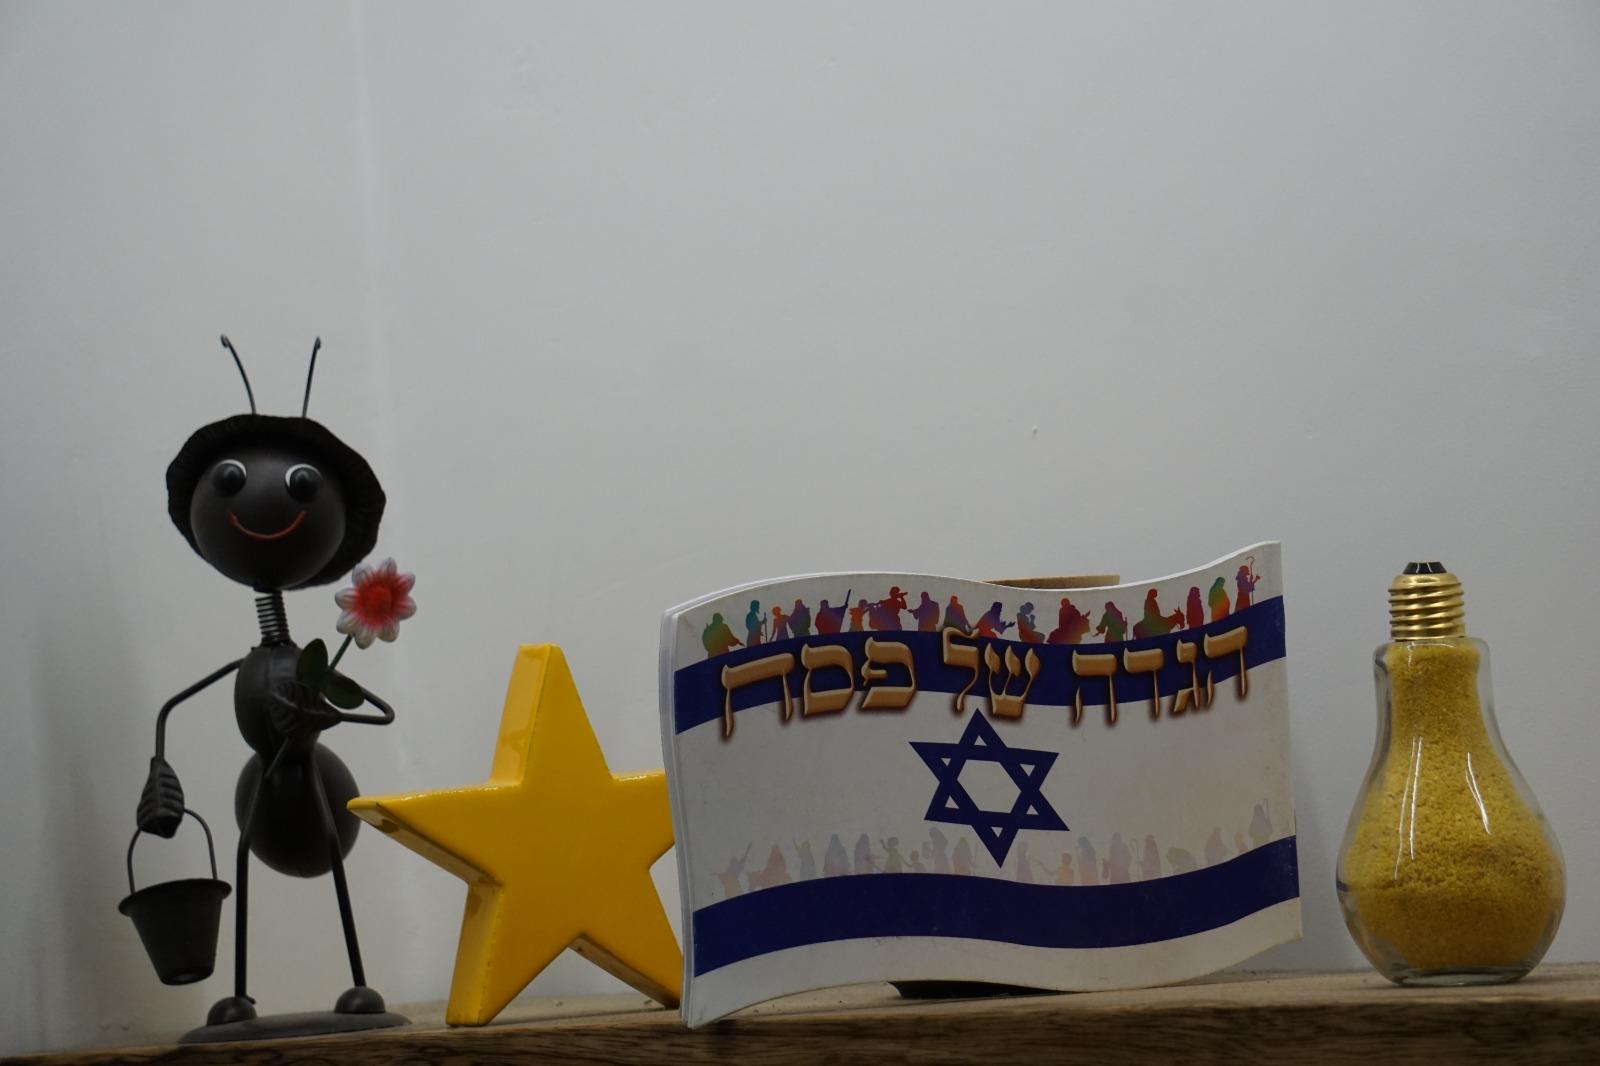 הגדה דגל ישראל